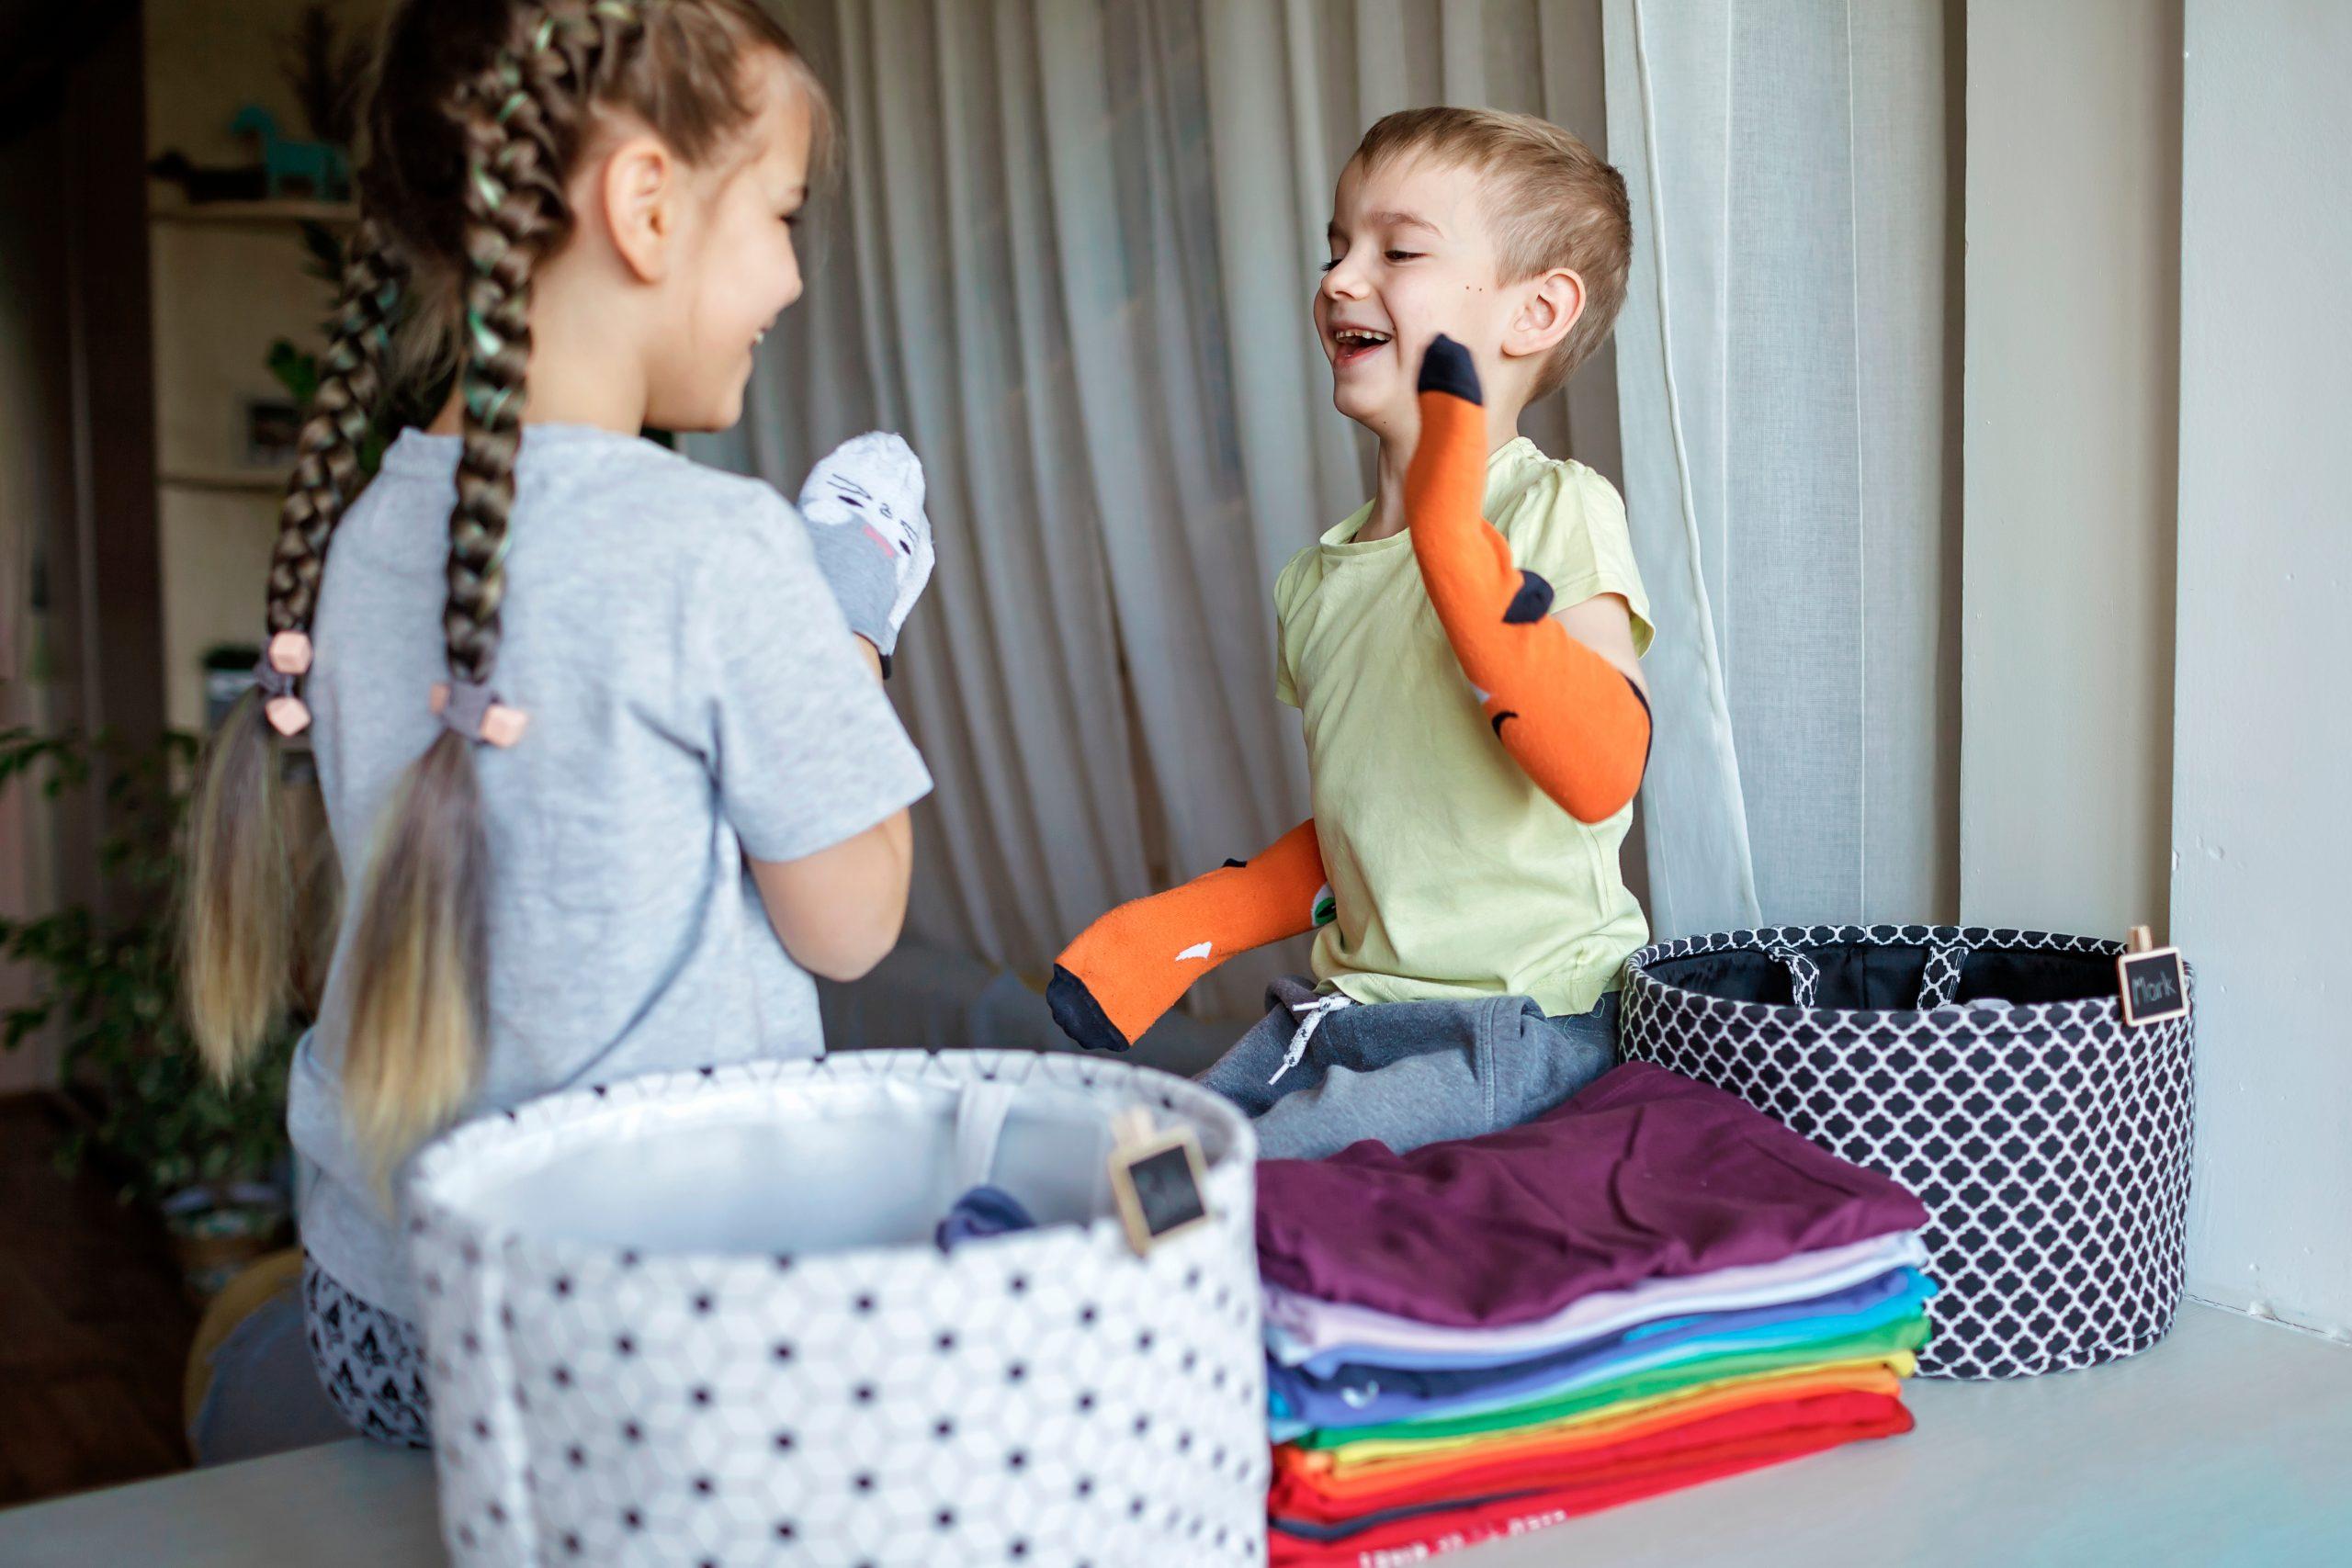 Dete, devojčica, dečak, veš, kućni poslovi